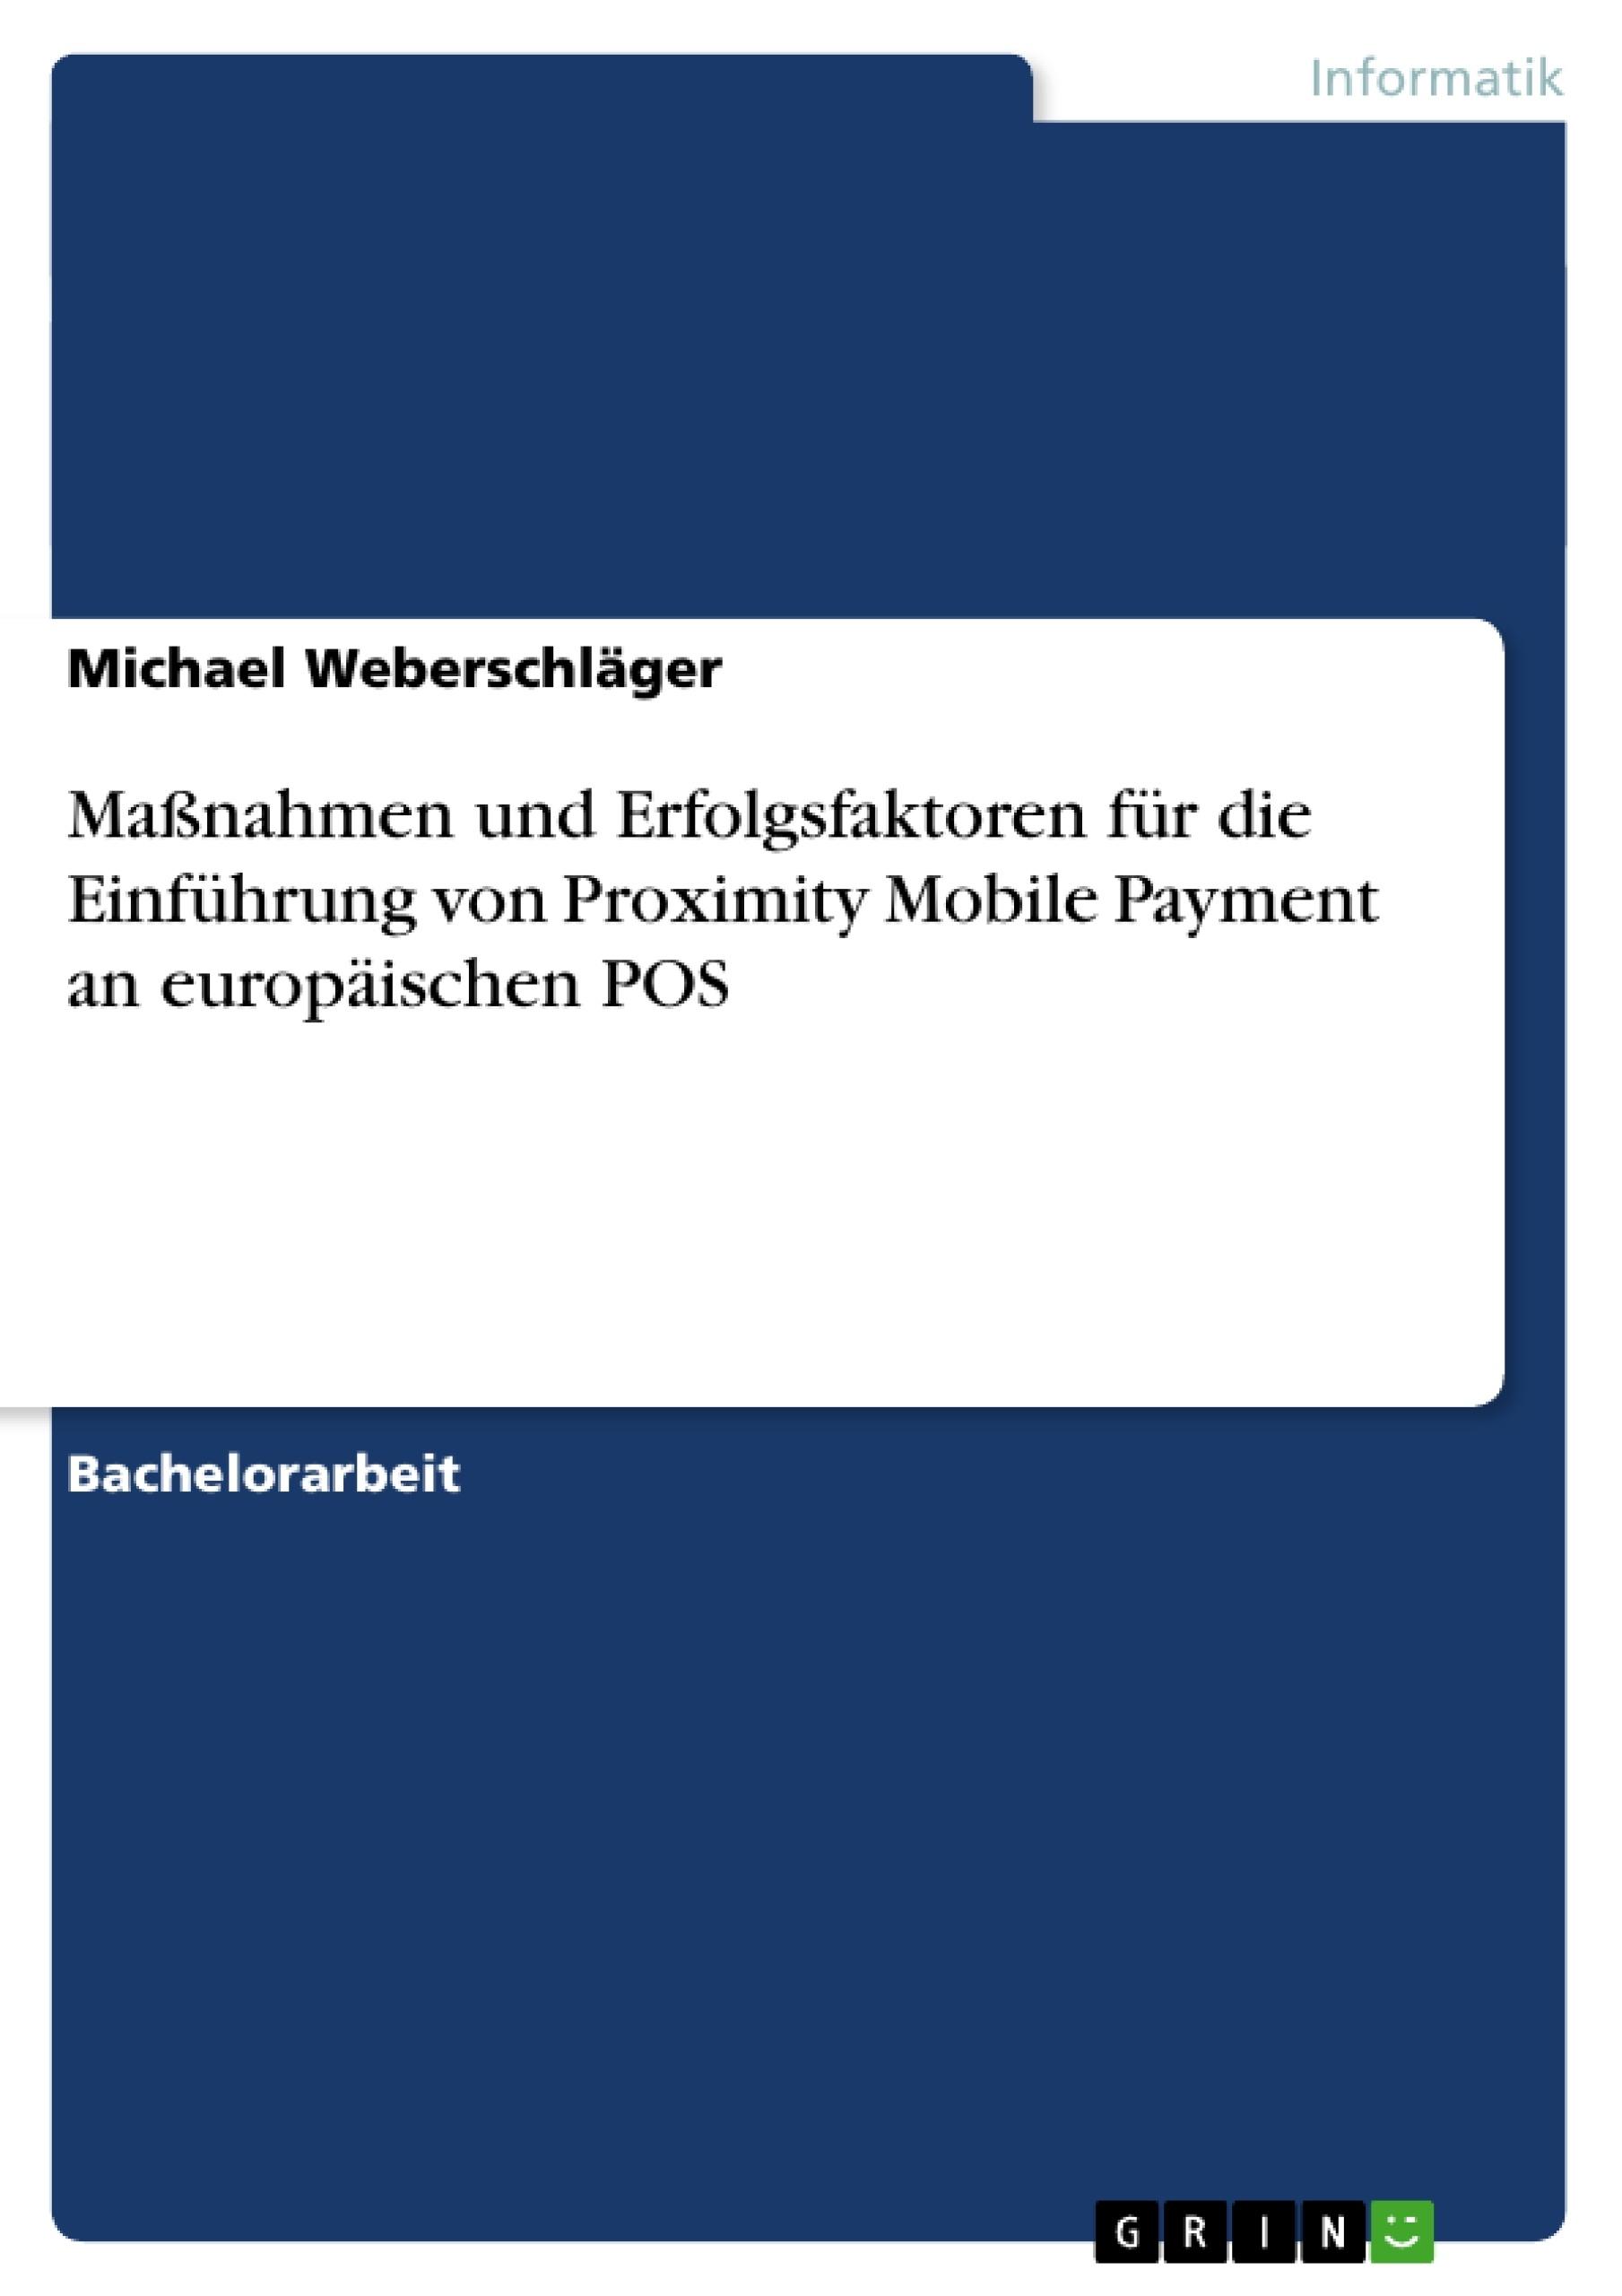 Titel: Maßnahmen und Erfolgsfaktoren für die Einführung von Proximity Mobile Payment an europäischen POS